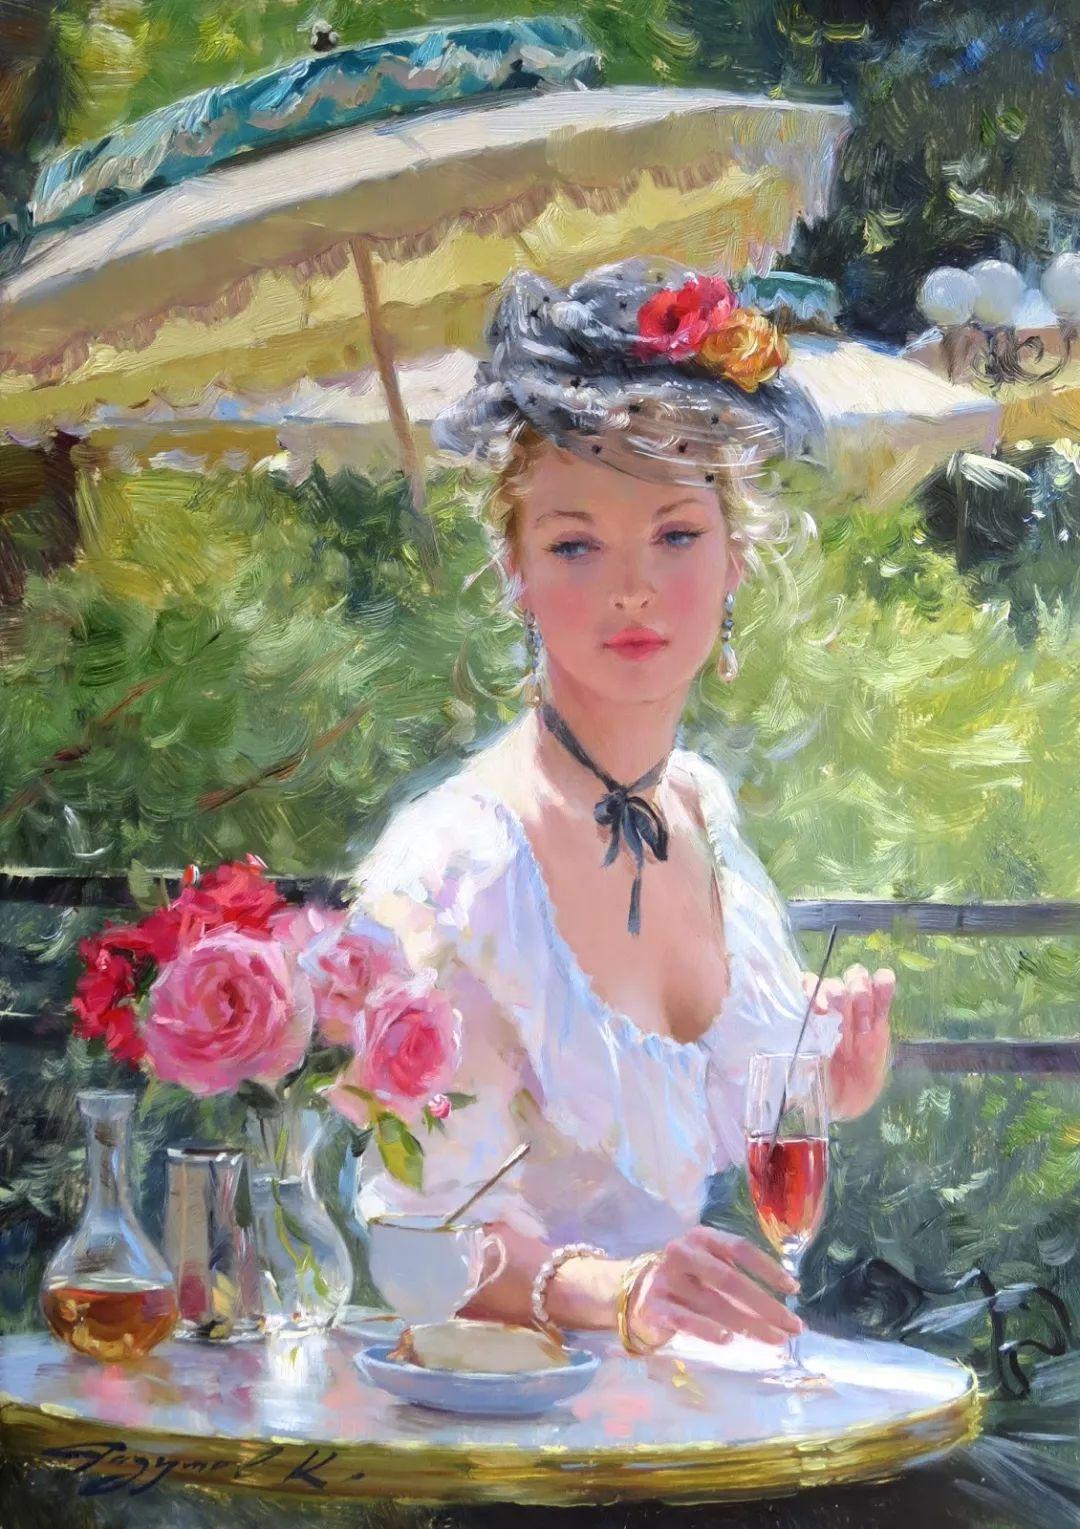 三位画家对女性的美诠释:或温婉含蓄,或妩媚娇艳,或律动健康插图5